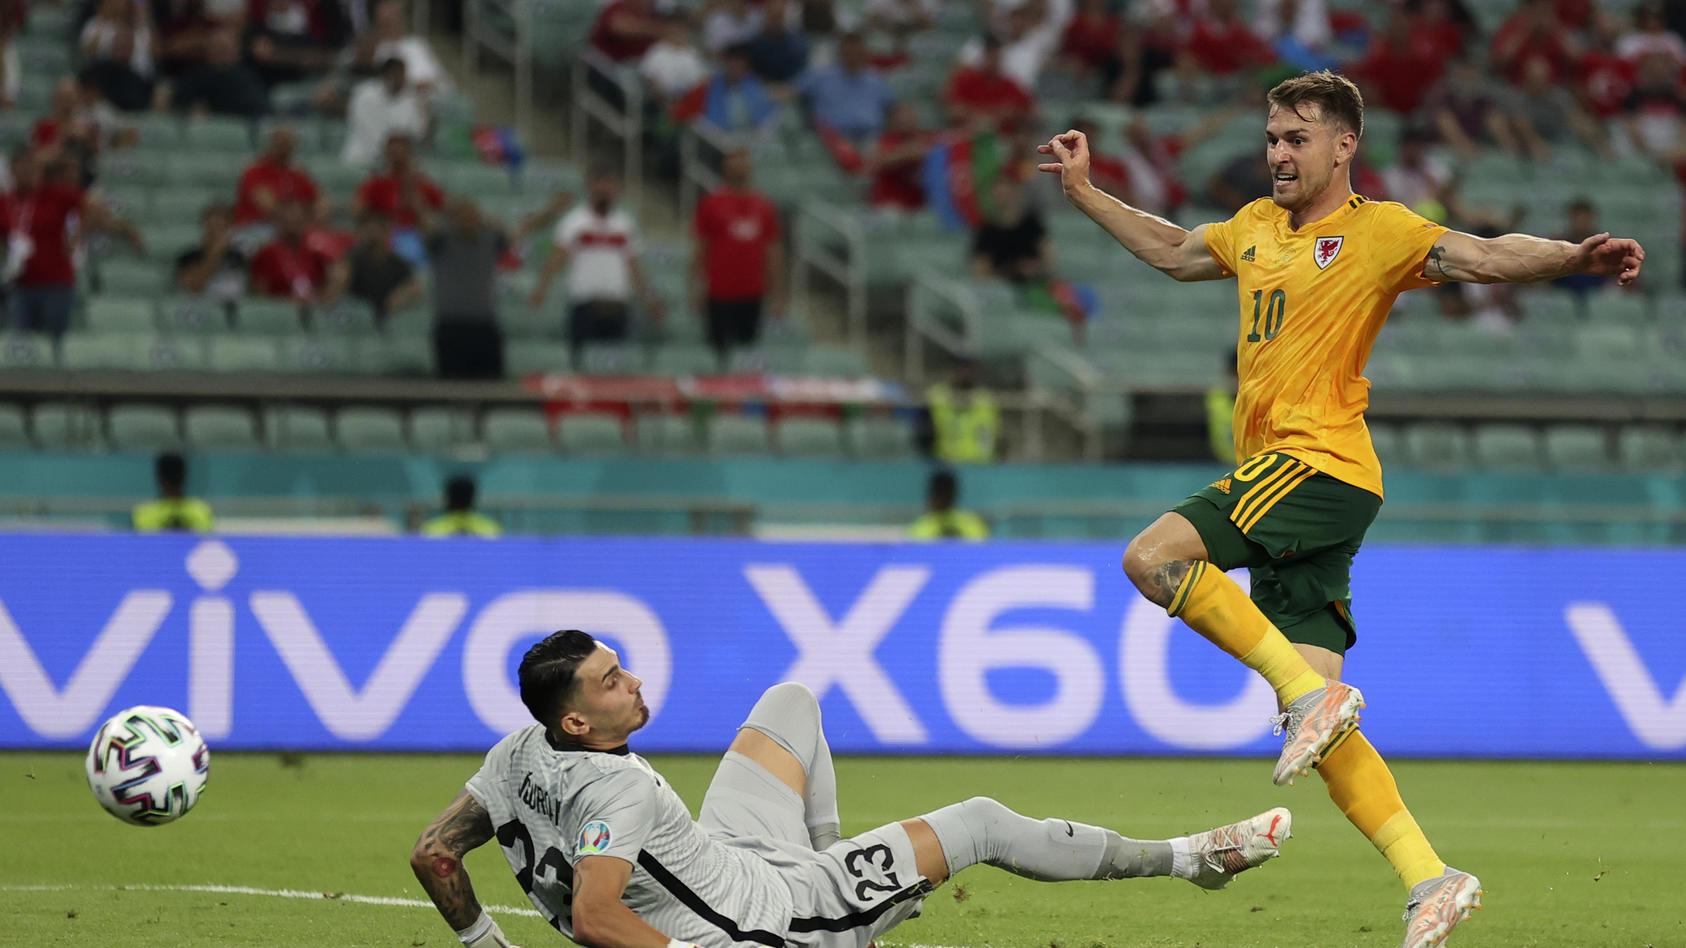 Mit seinem Treffer gegen die Türkei öffnet Aaron Ramsey das Achtelfinal-Tor für Wales bei der EM.